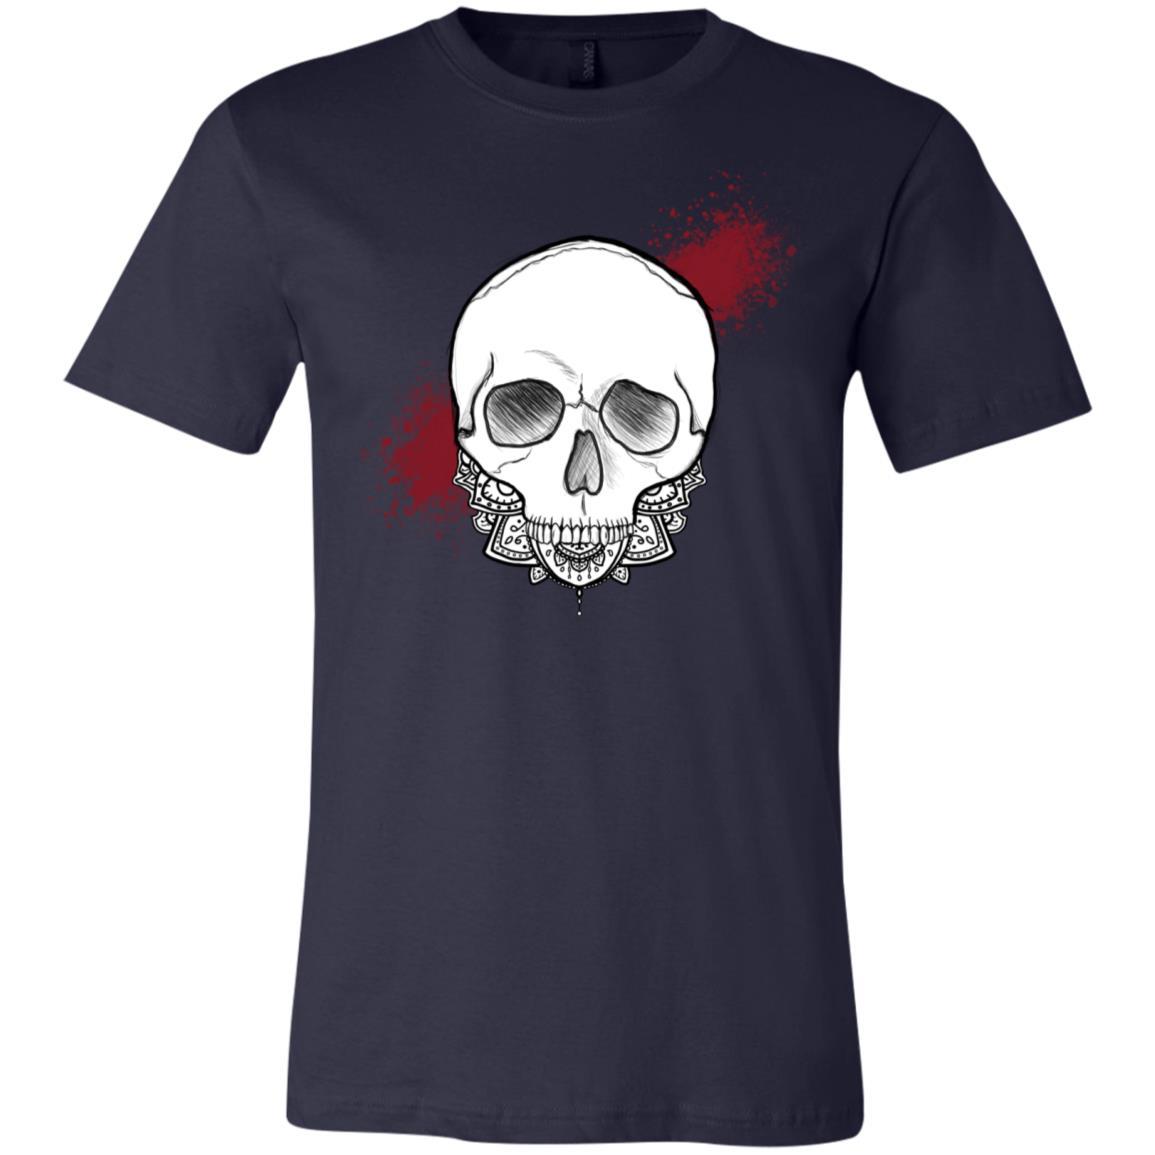 Exploding Skull - Asphalt